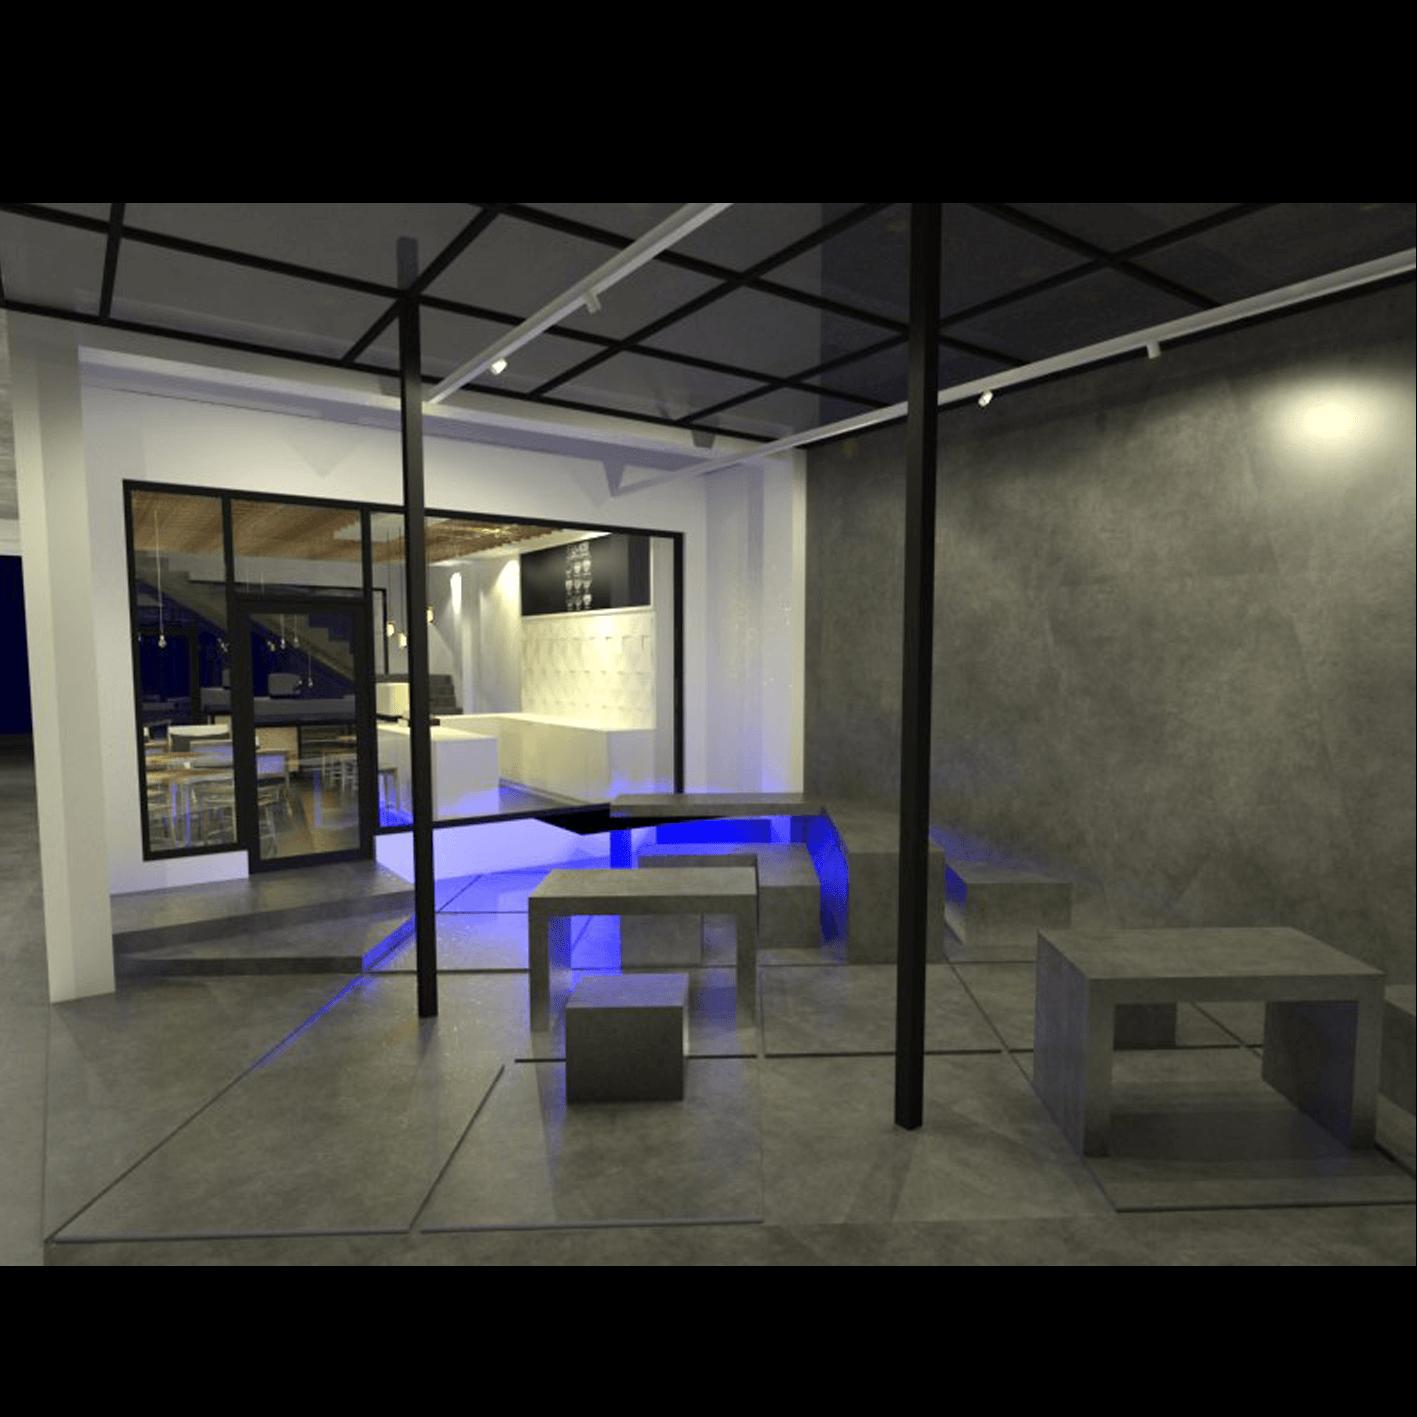 Rdesign Coffee No.45 Bekasi Jl. Taman Wisma Asri, Bekasi, Jawa Barat Jl. Taman Wisma Asri, Bekasi, Jawa Barat Seating Area   18735